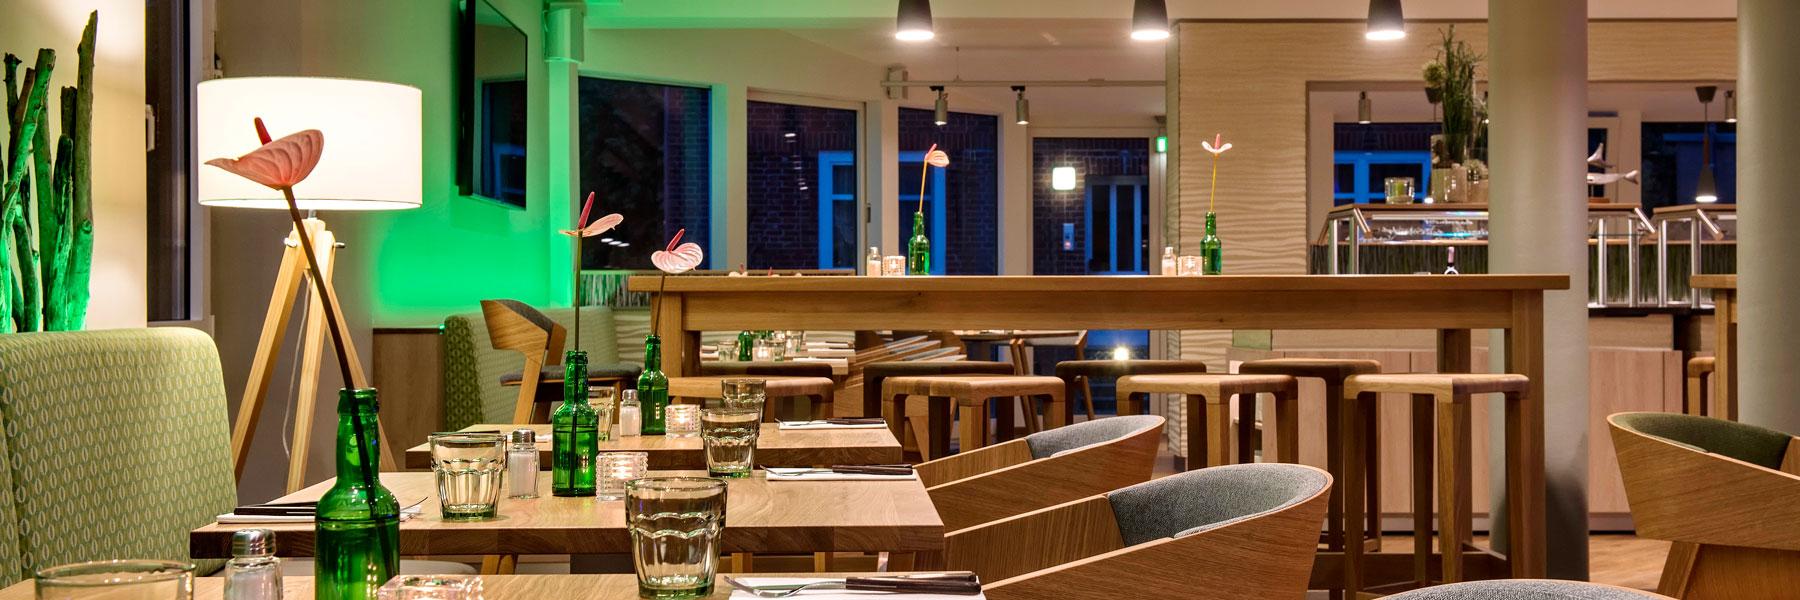 Restaurant - Hotel Susewind